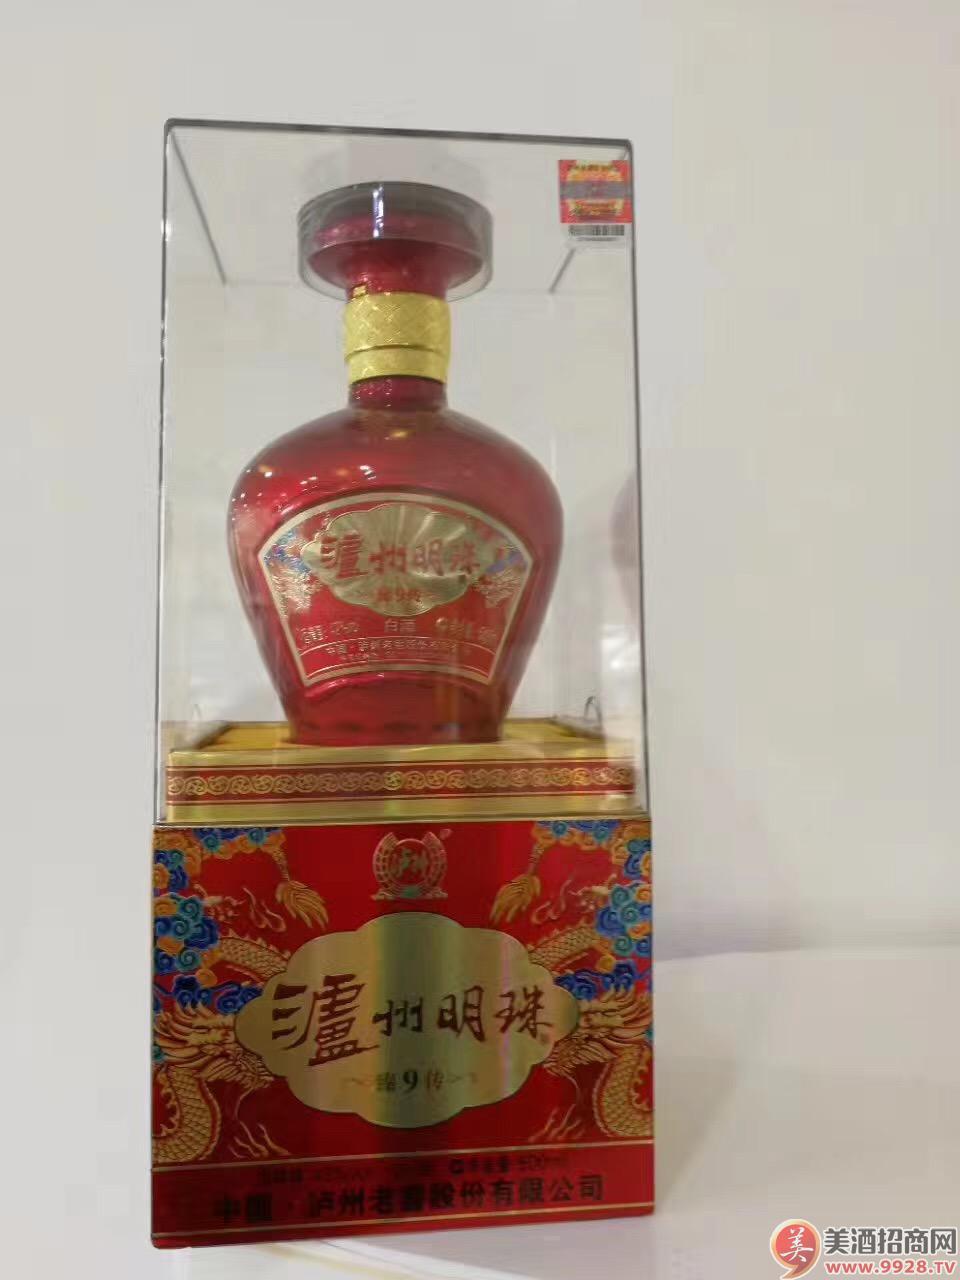 【发现美酒】泸州老窖集团泸州明珠系列白酒